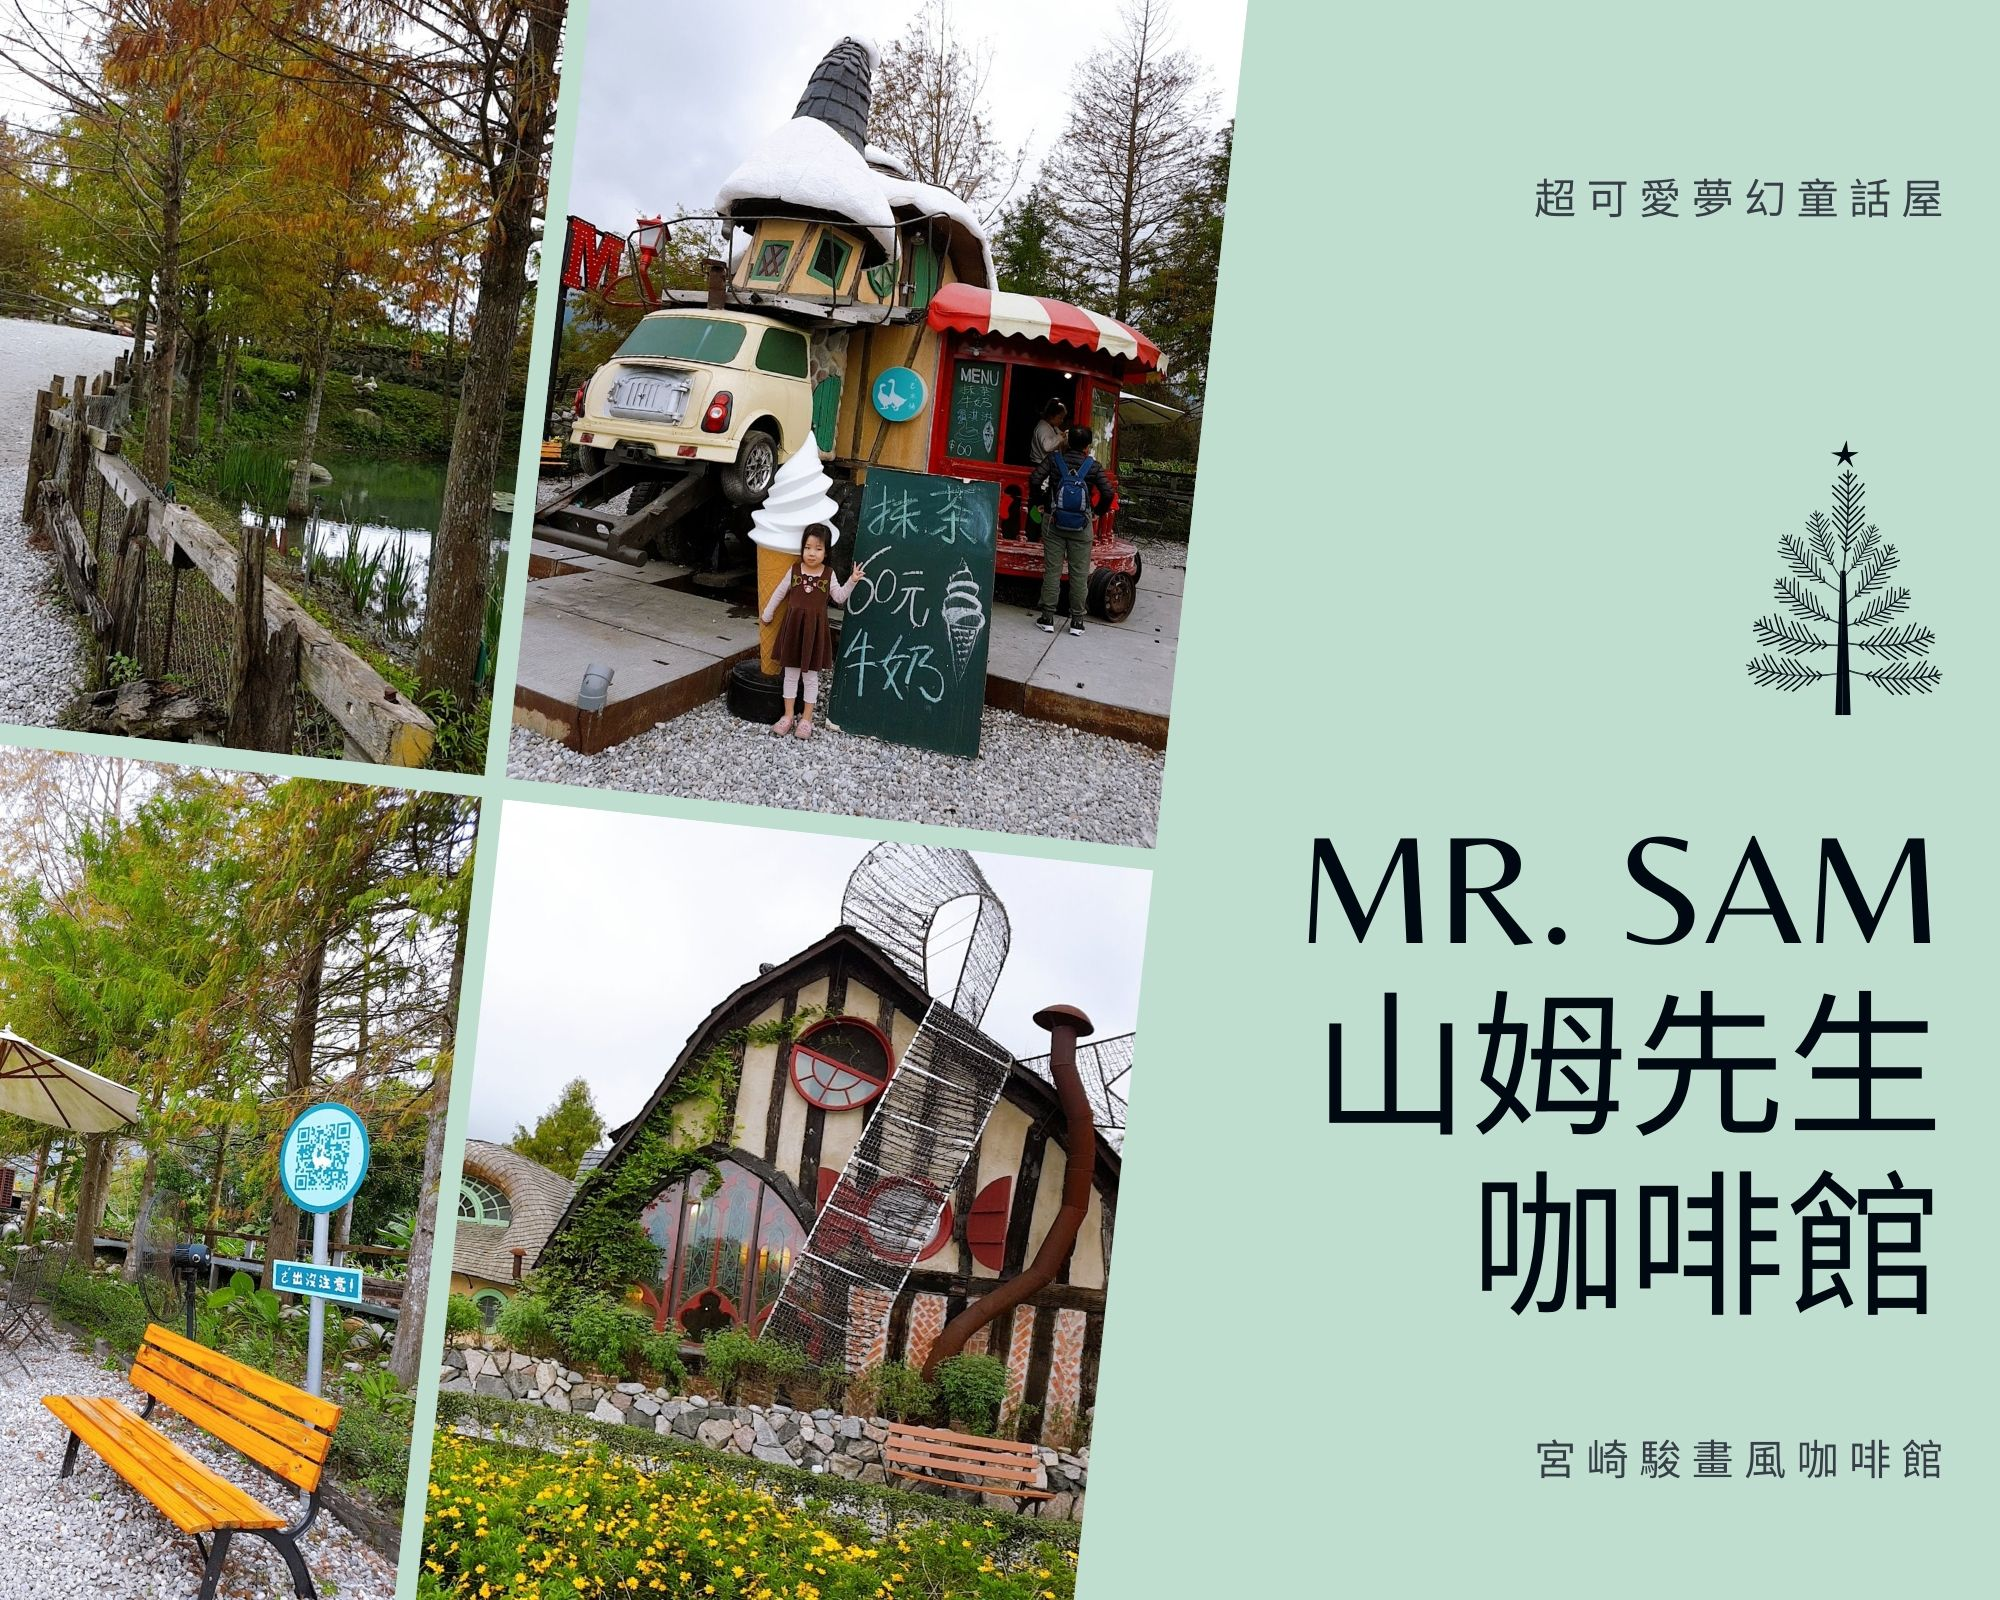 Mr.Sam山姆先生咖啡館